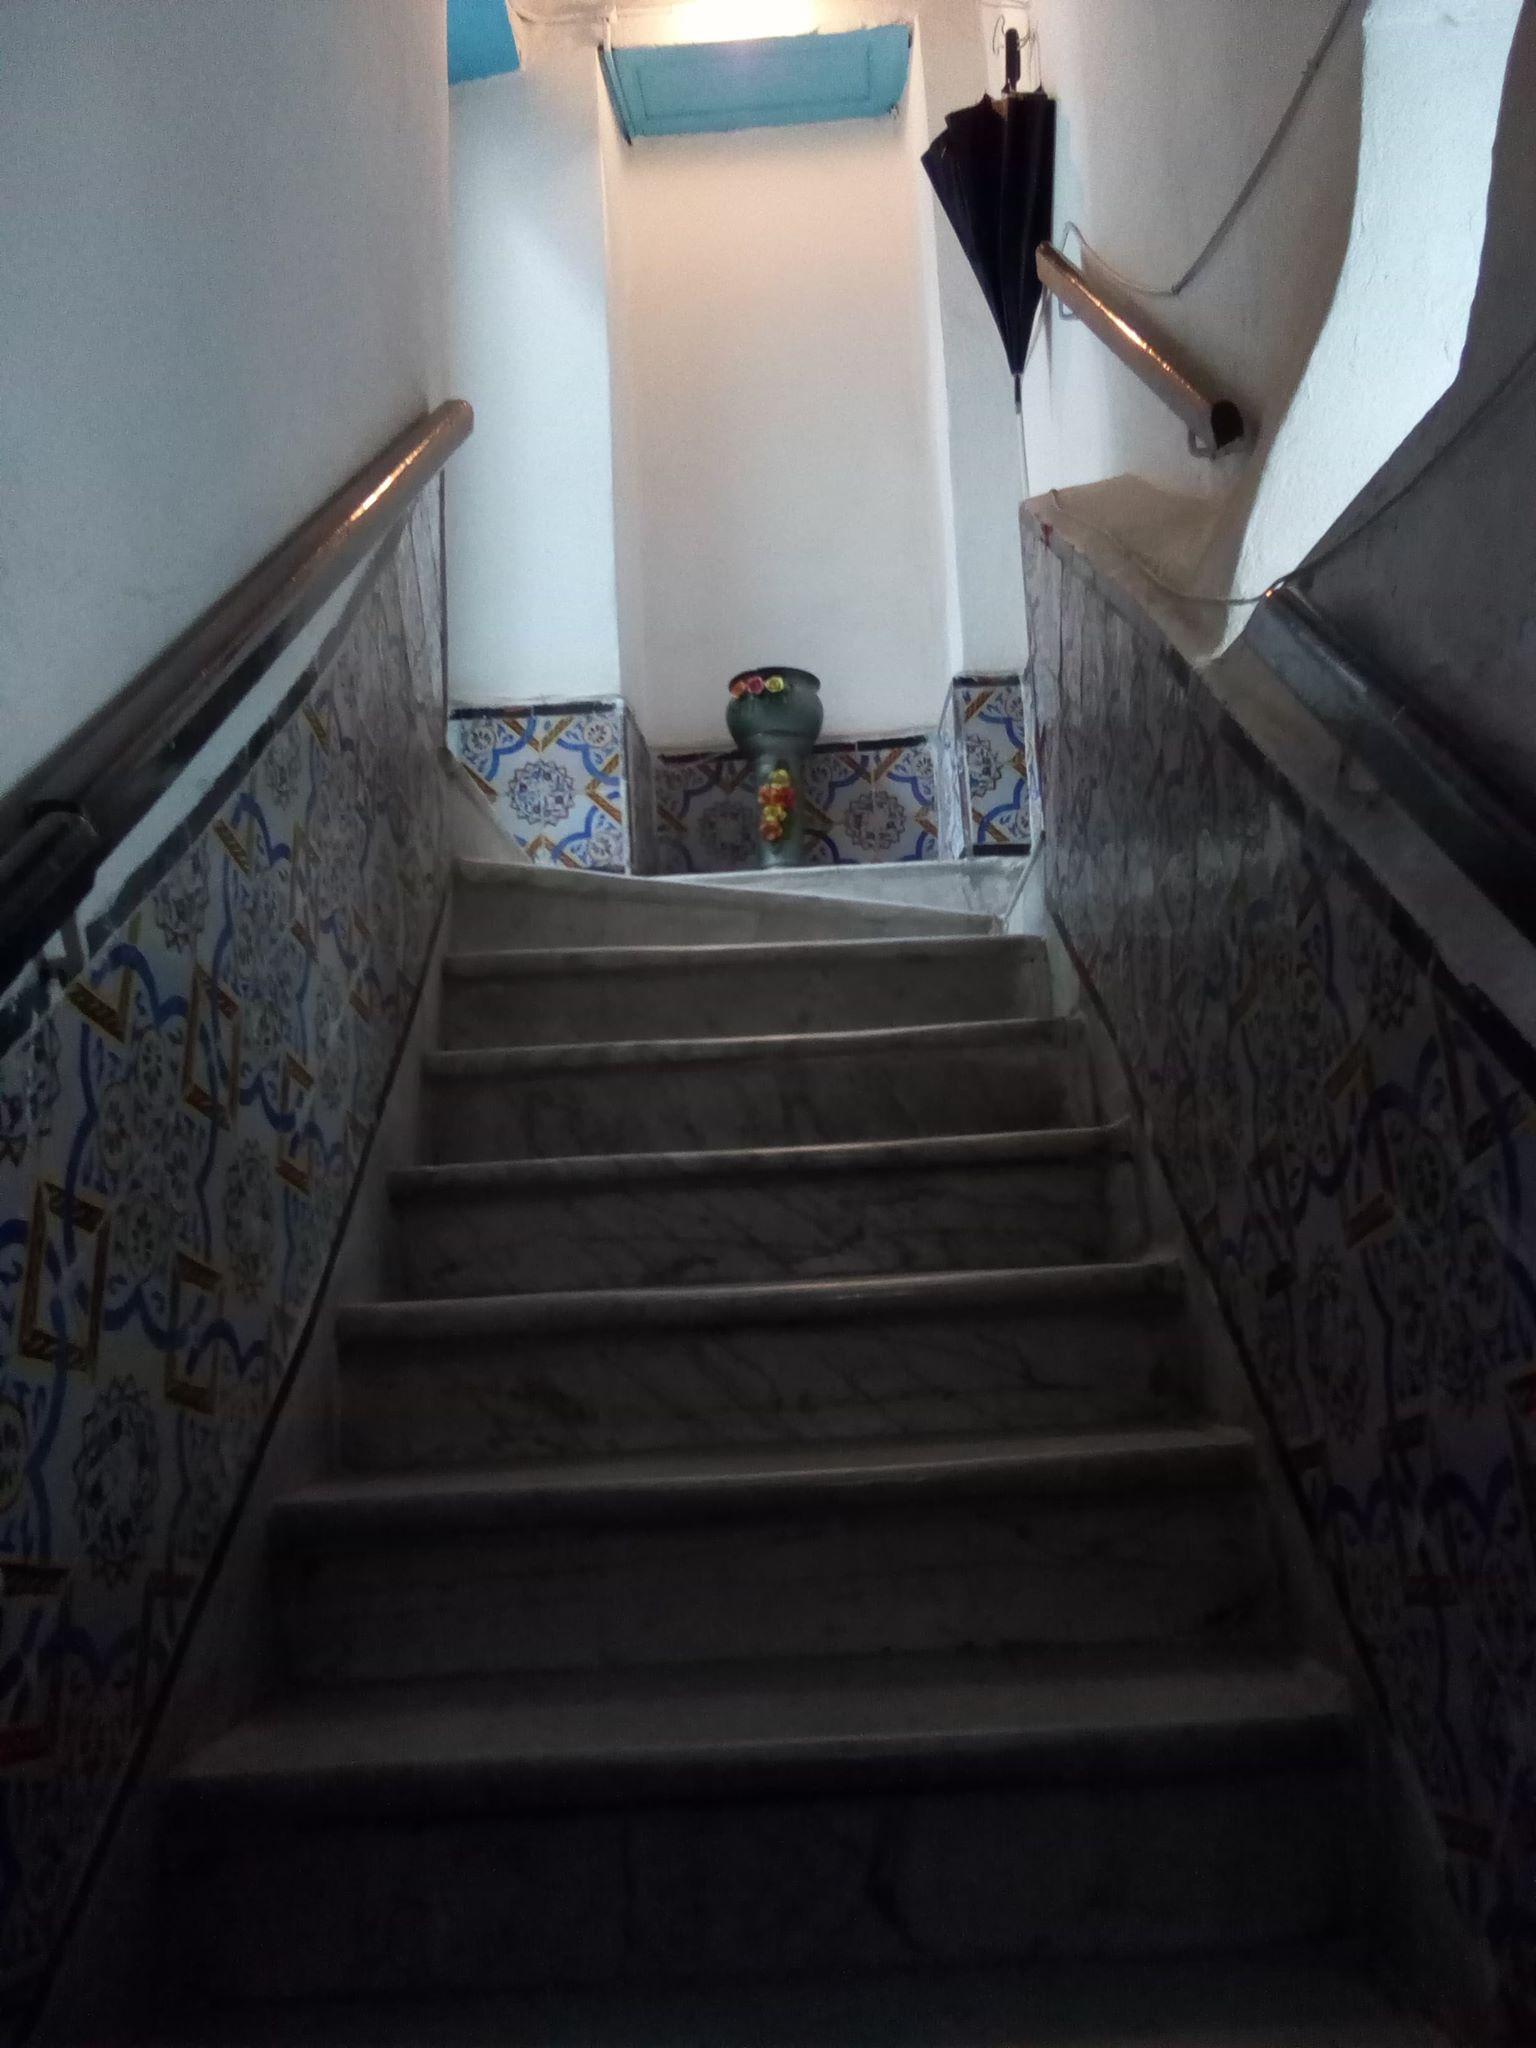 Image A vendre maison antique de style arbe (tunis) 5